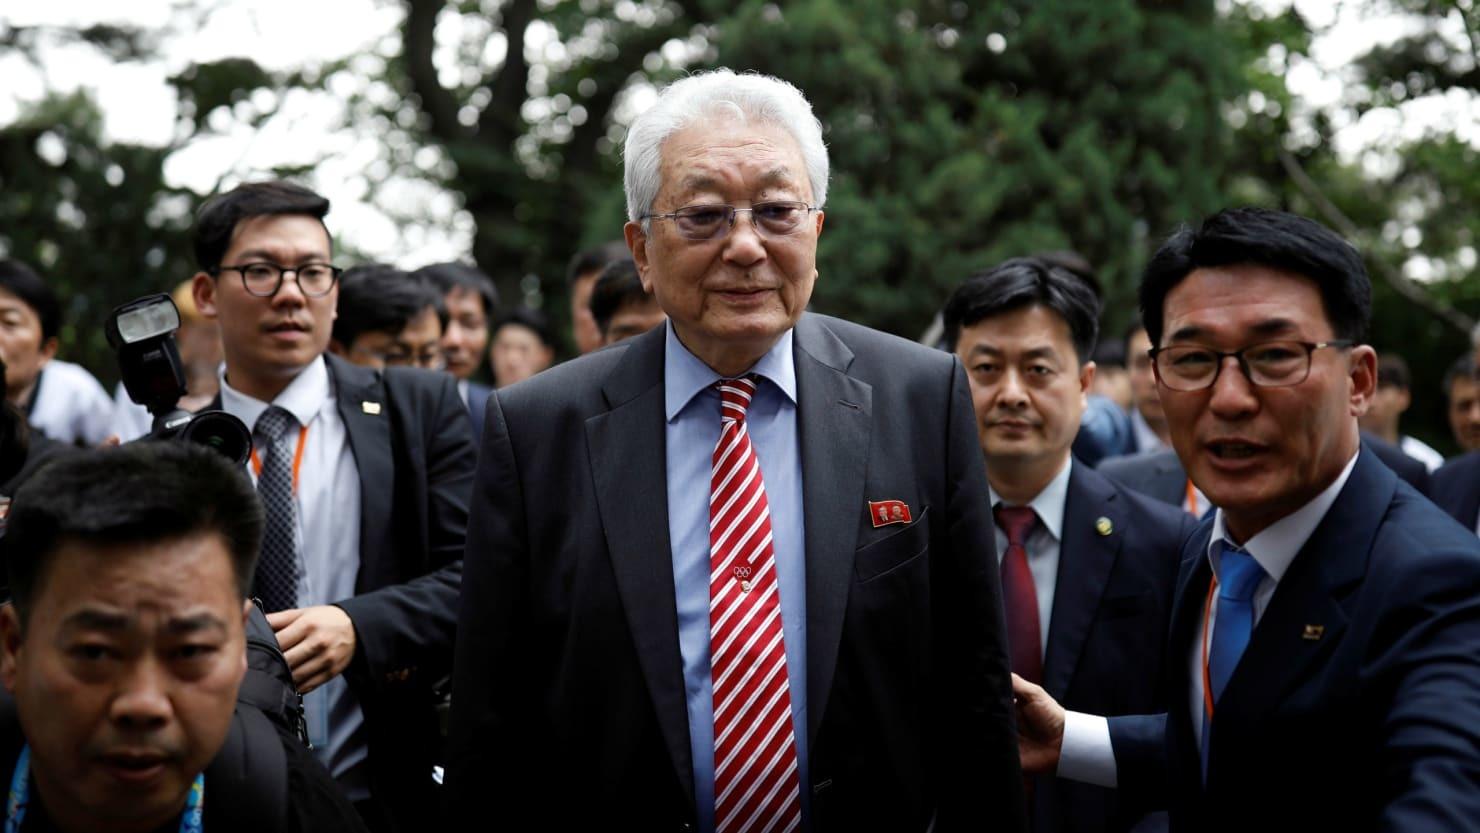 Thế giới 24h: Quan chức Triều Tiên bất ngờ rời Thế vận hội